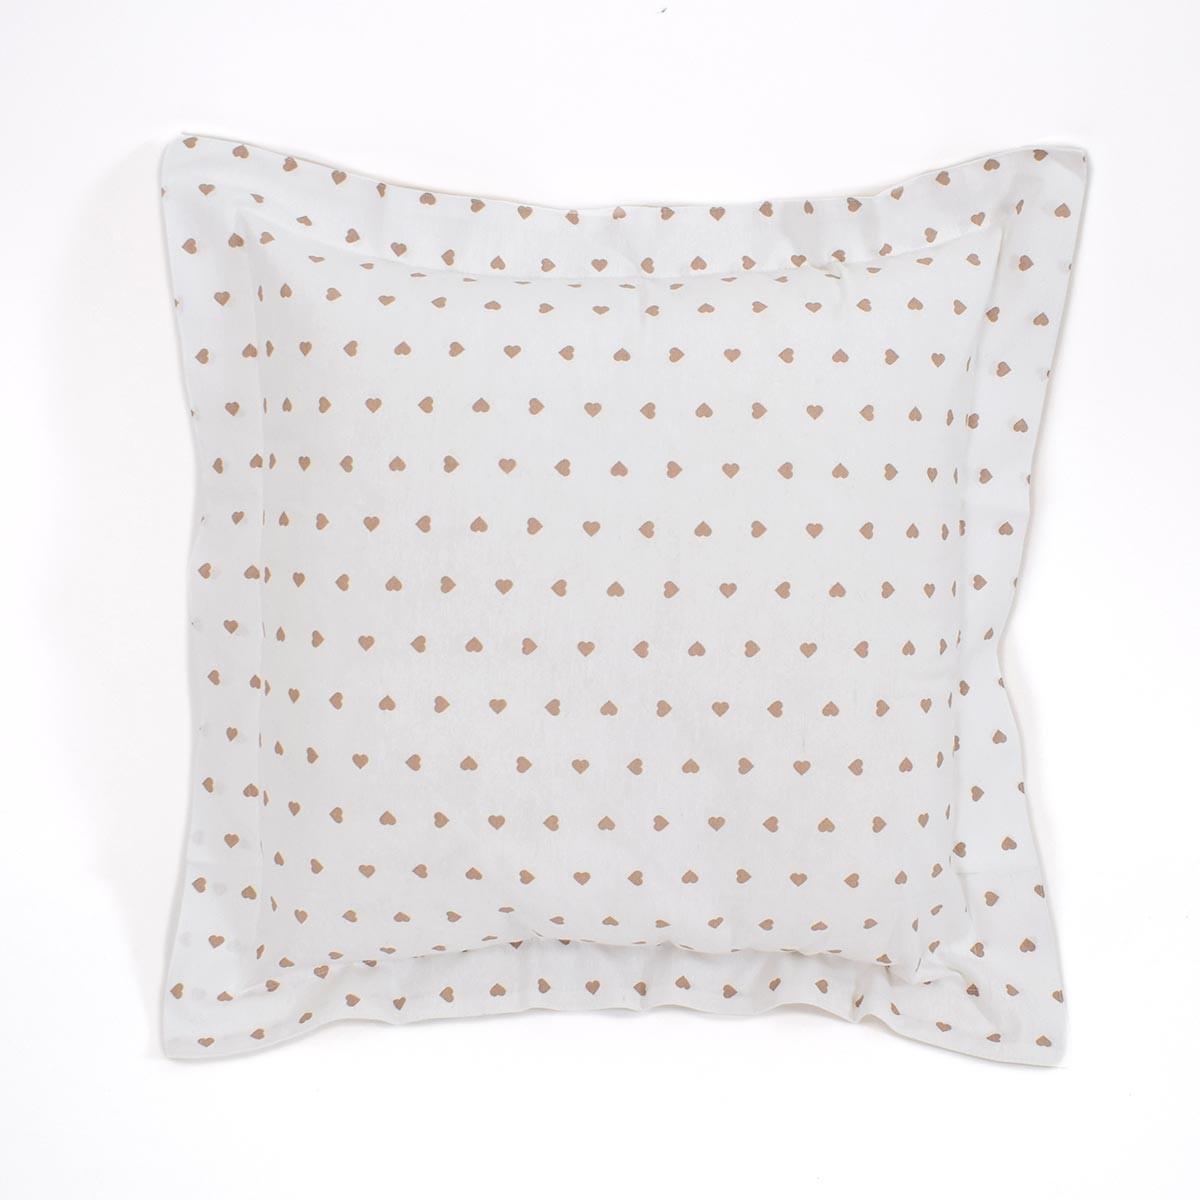 Διακοσμητική Μαξιλαροθήκη (60x60) Corazon White-Beige